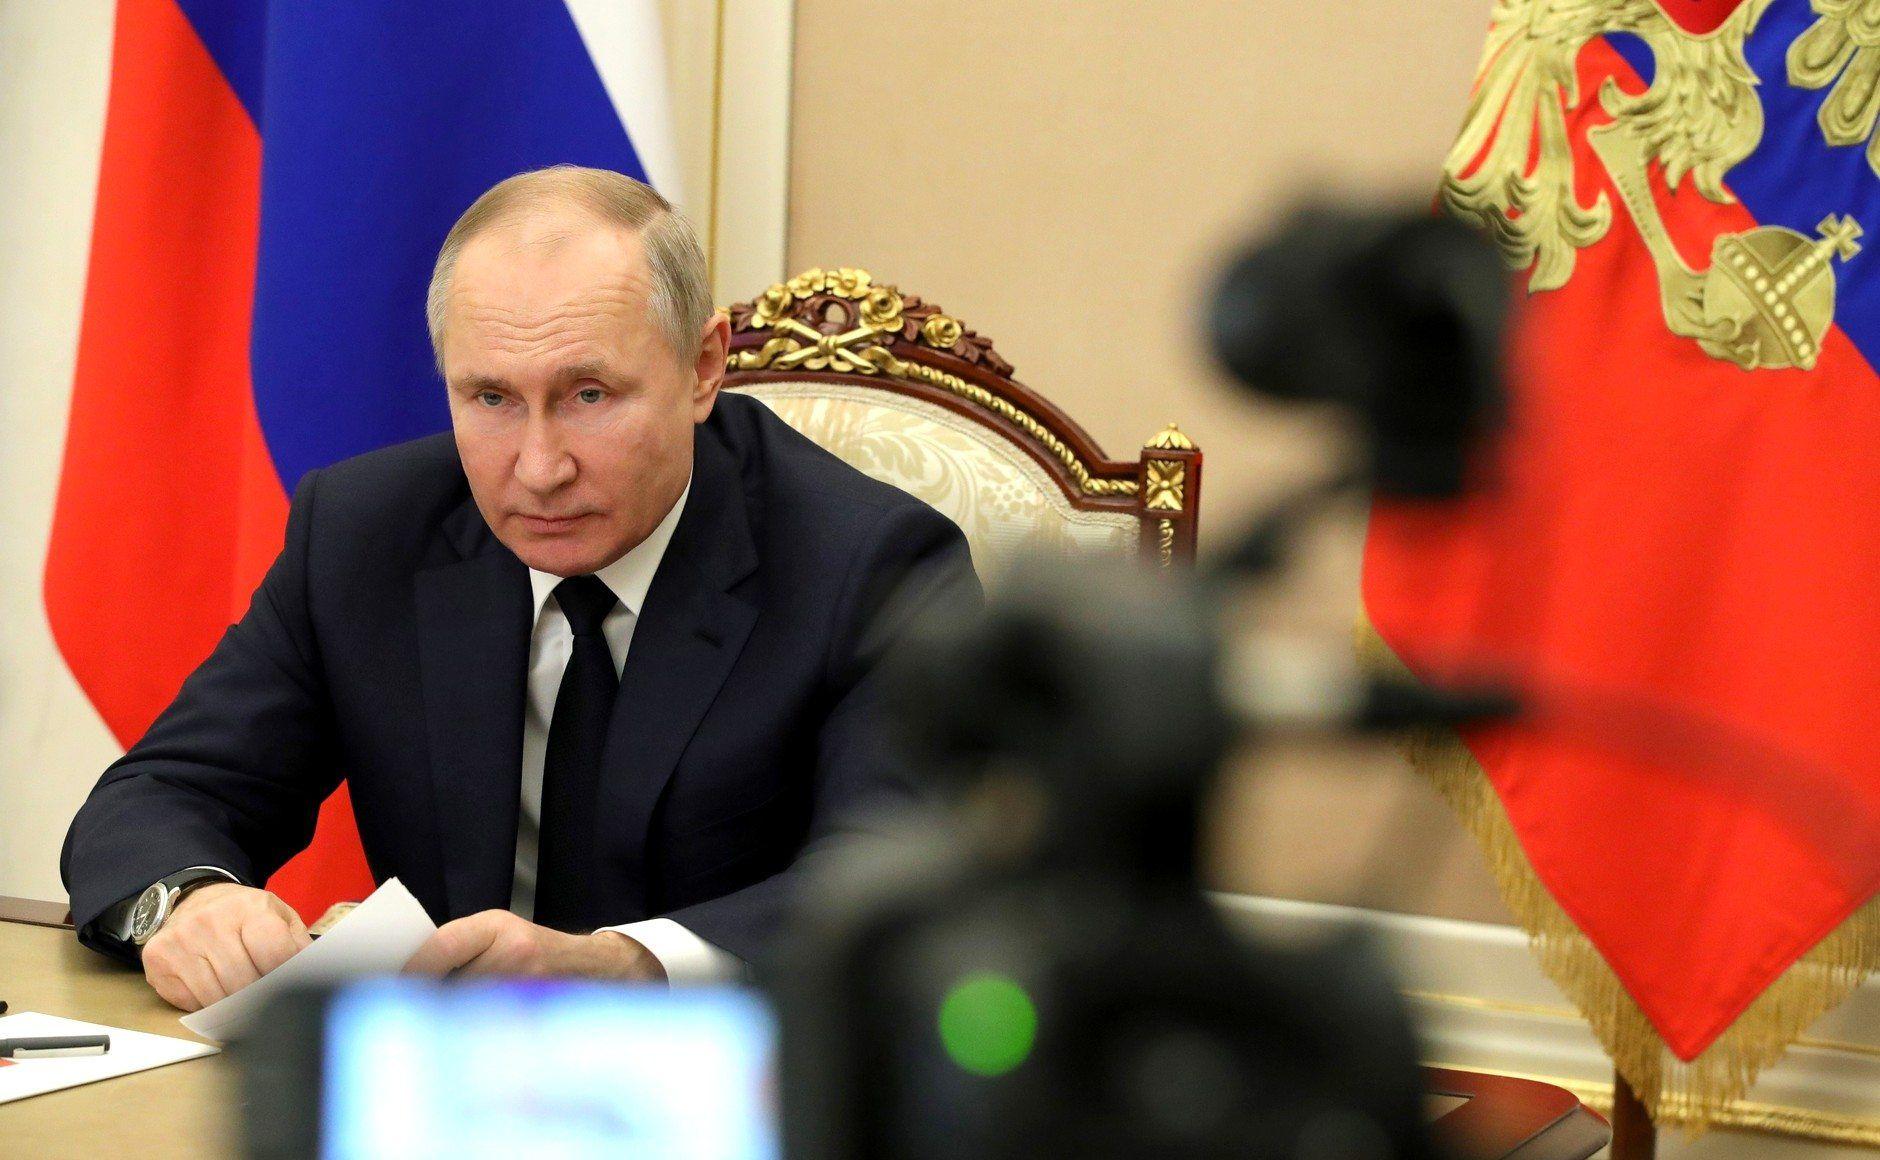 Президент России Владимир Путин выступил против обязательной вакцинации от COVID-19